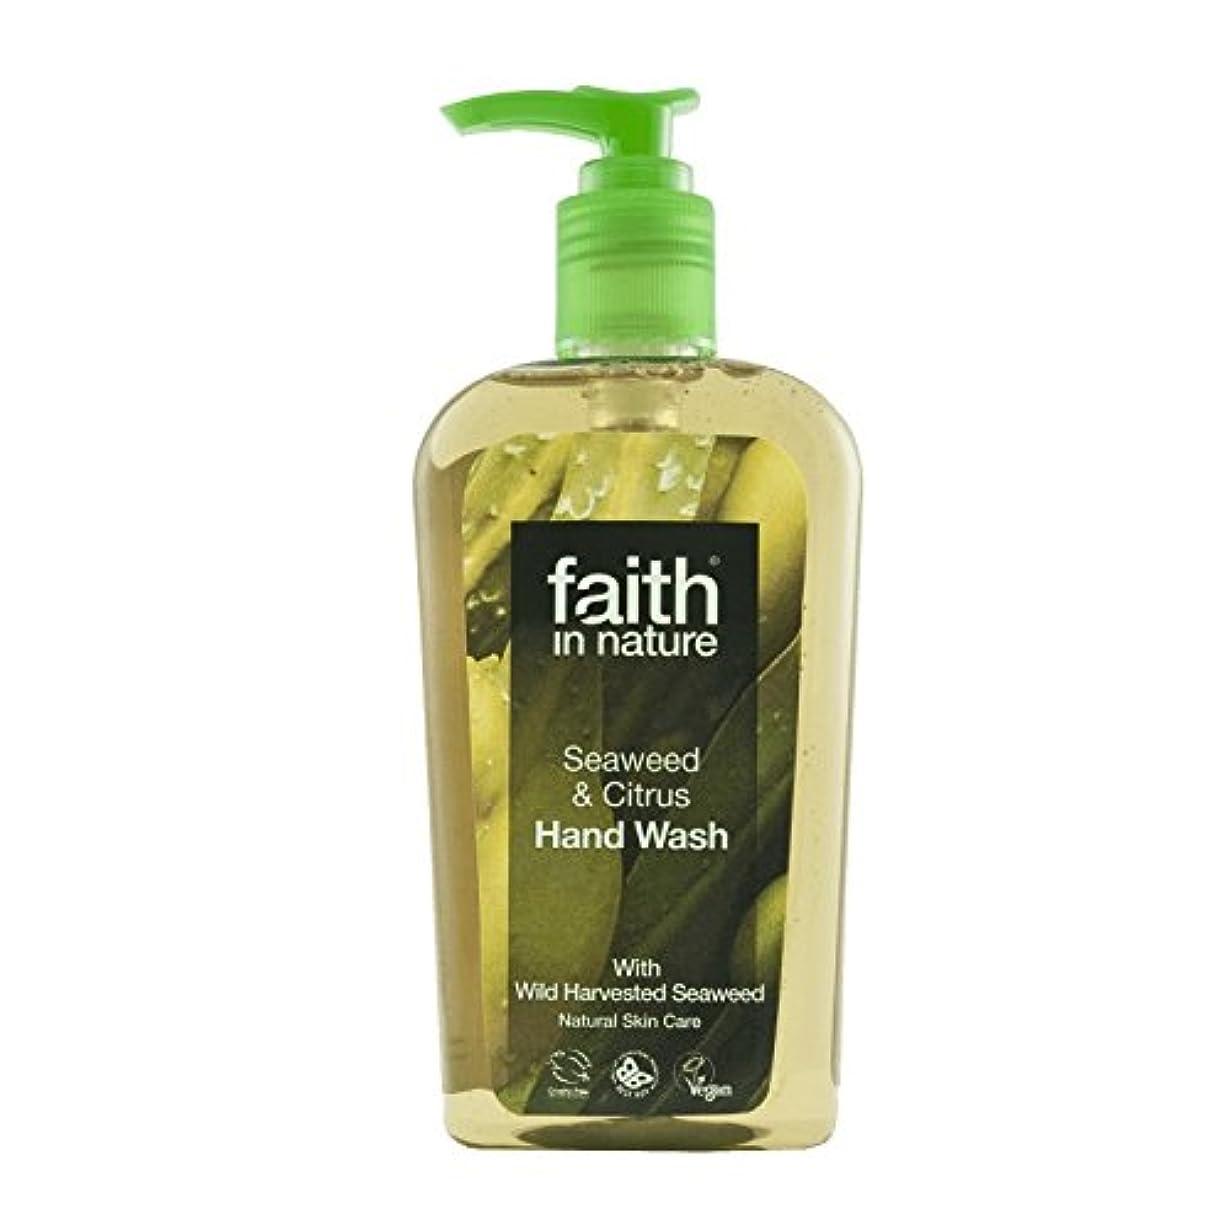 マイコン共和国登録自然海藻手洗いの300ミリリットルの信仰 - Faith In Nature Seaweed Handwash 300ml (Faith in Nature) [並行輸入品]